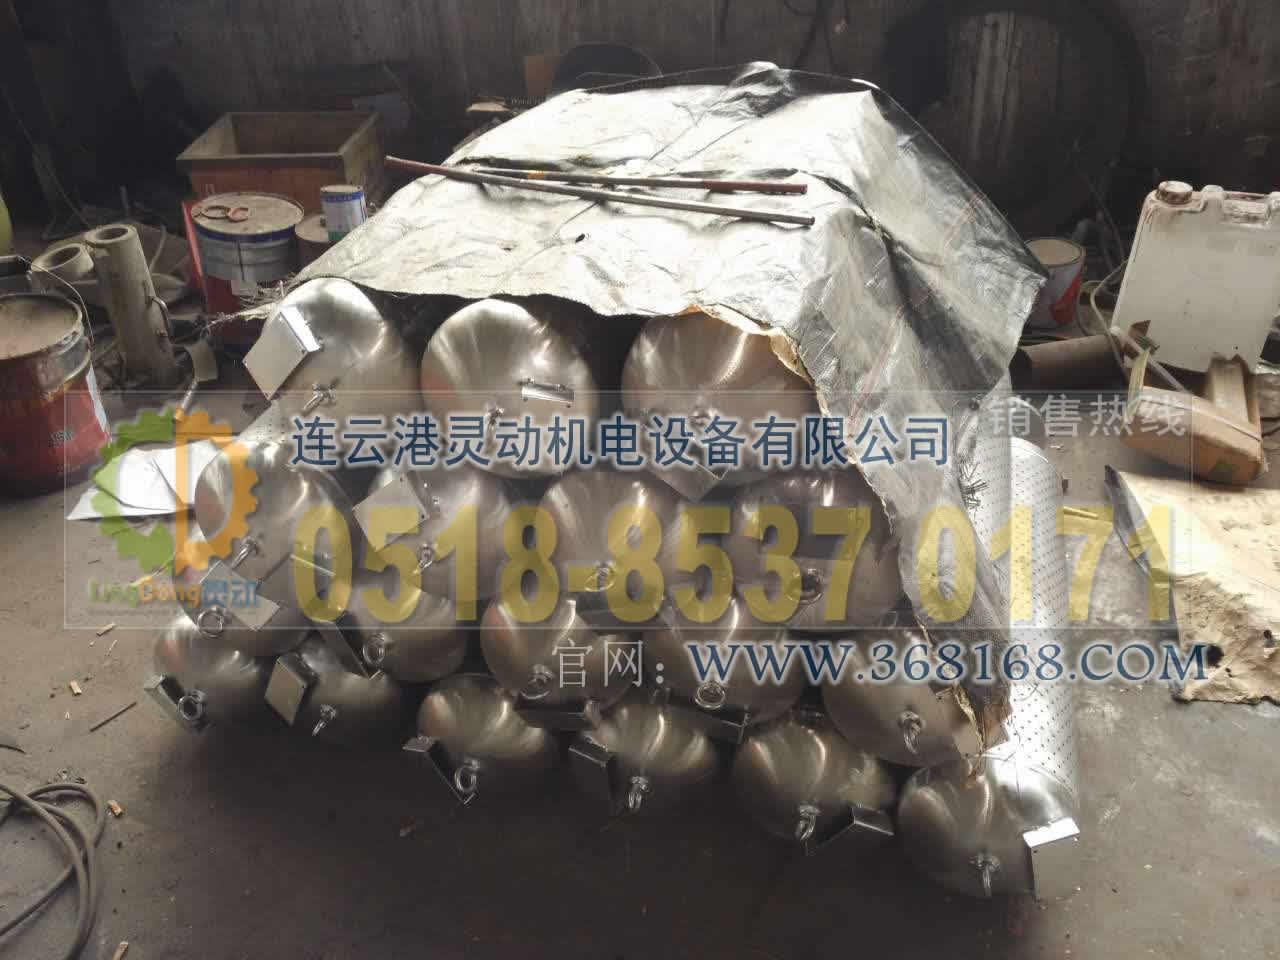 不锈钢消声器制造厂家